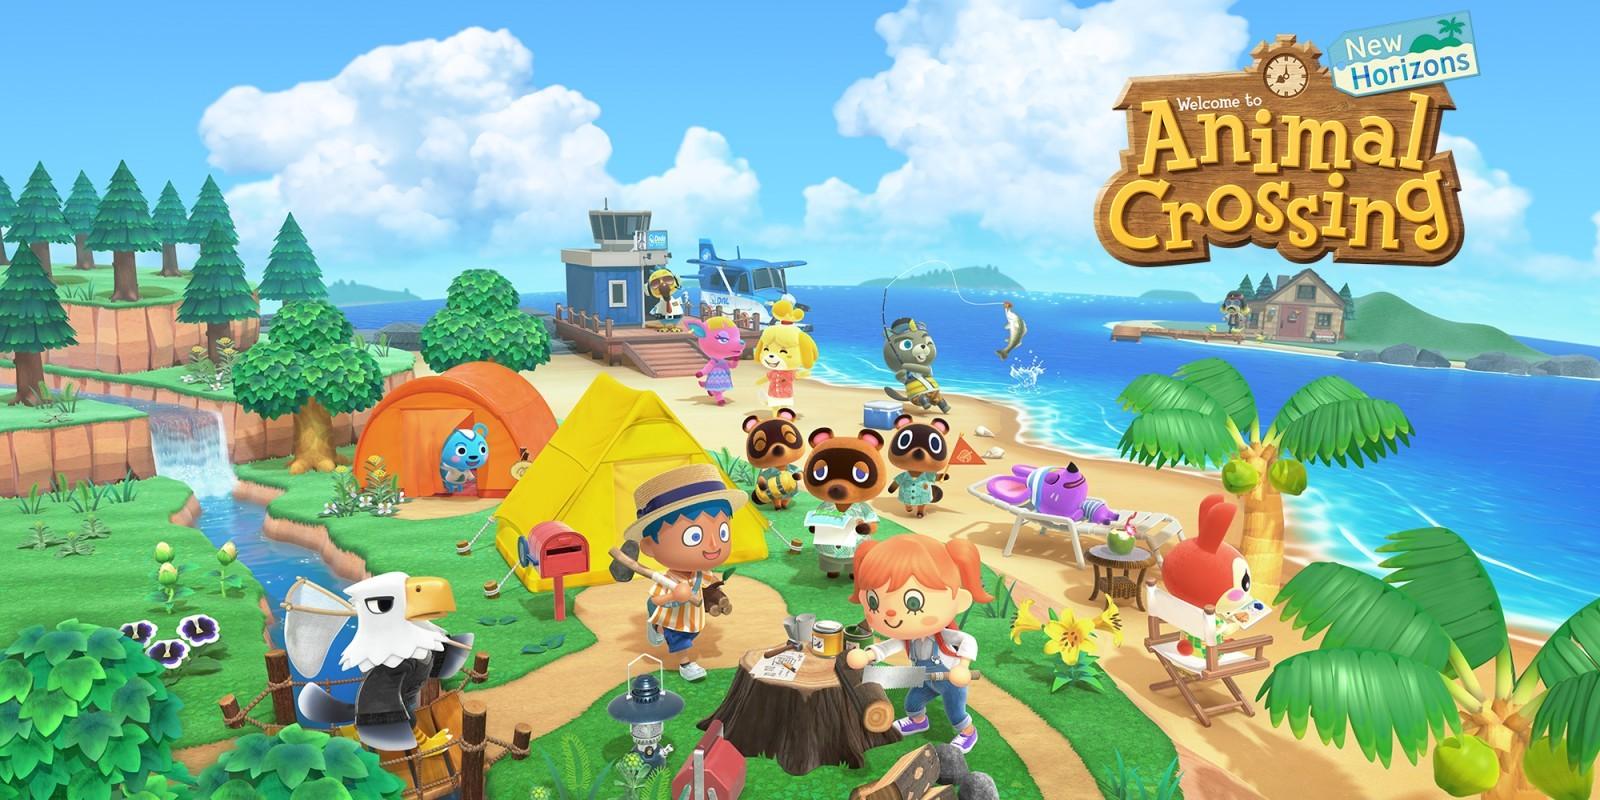 Malgré le COVID-19, les ventes de Nintendo s'accroissent grâce au nouvel opus d'Animal Crossing